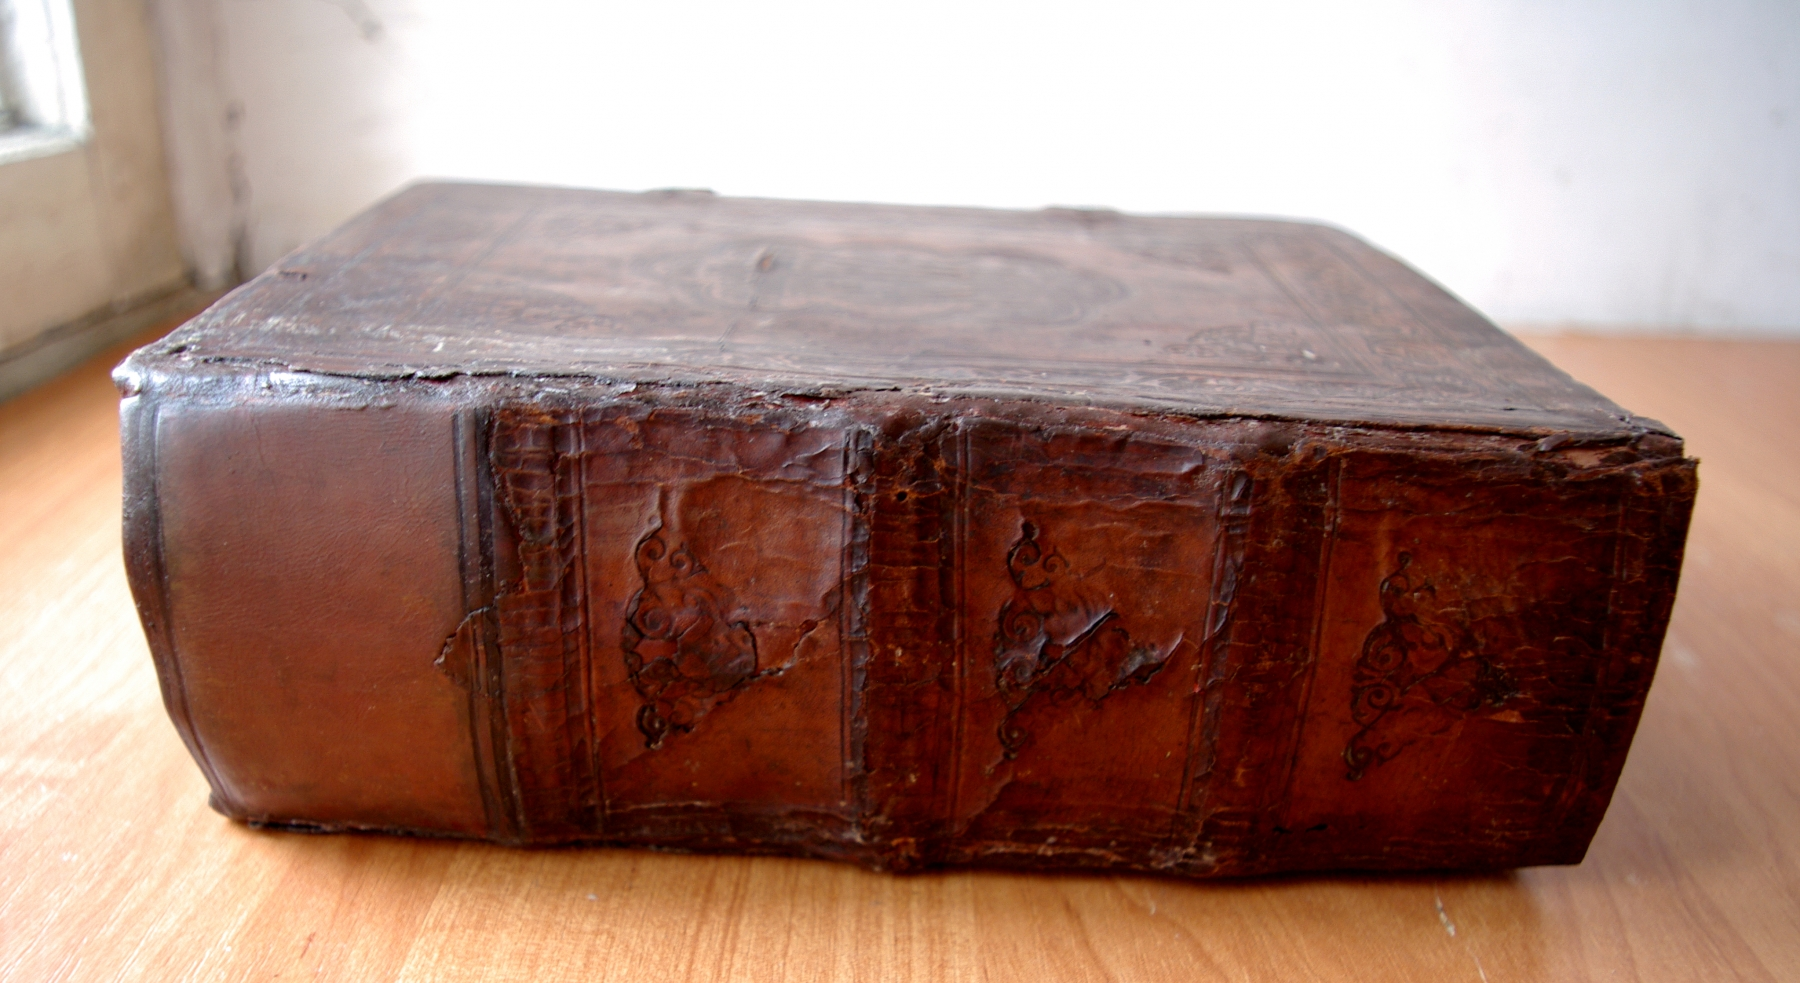 Псалтирь 19 века после реставрации. Общий вид на корешок.